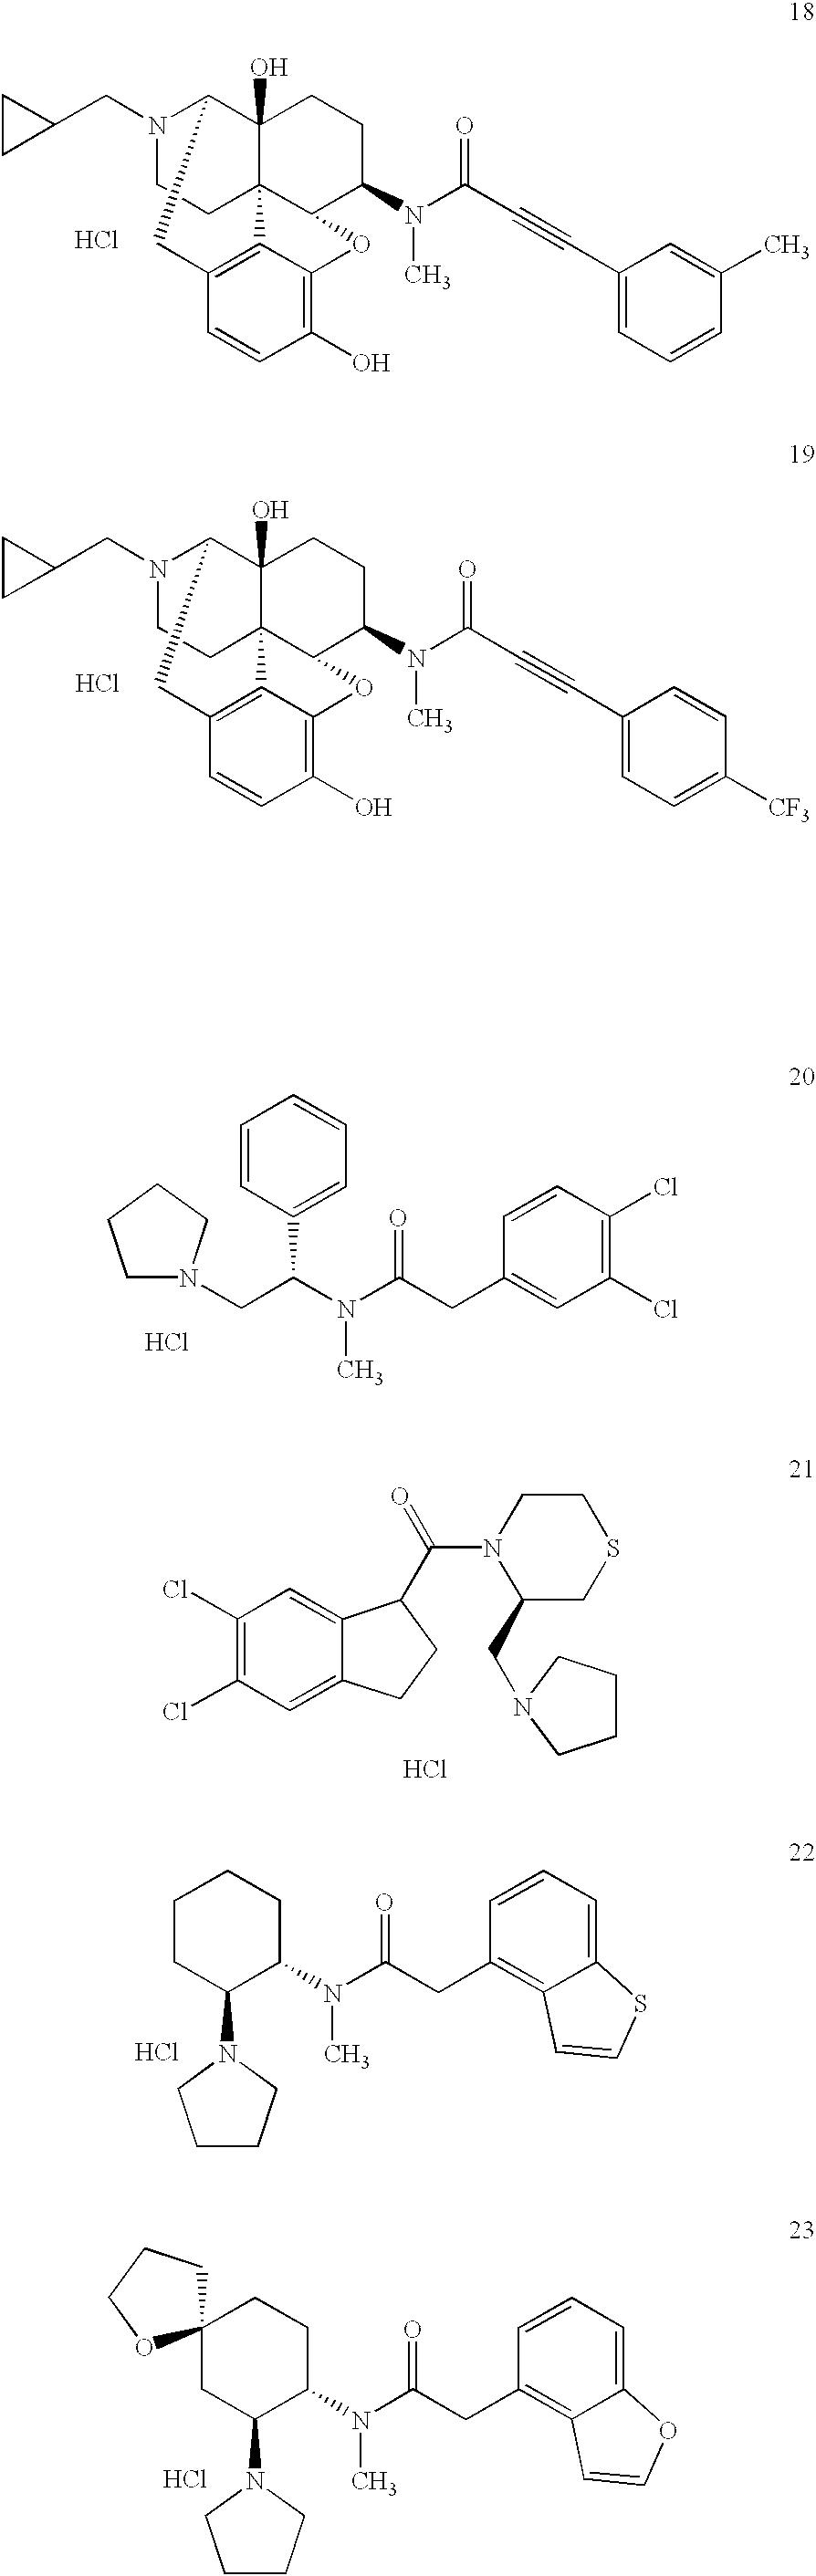 Figure US06440987-20020827-C00055